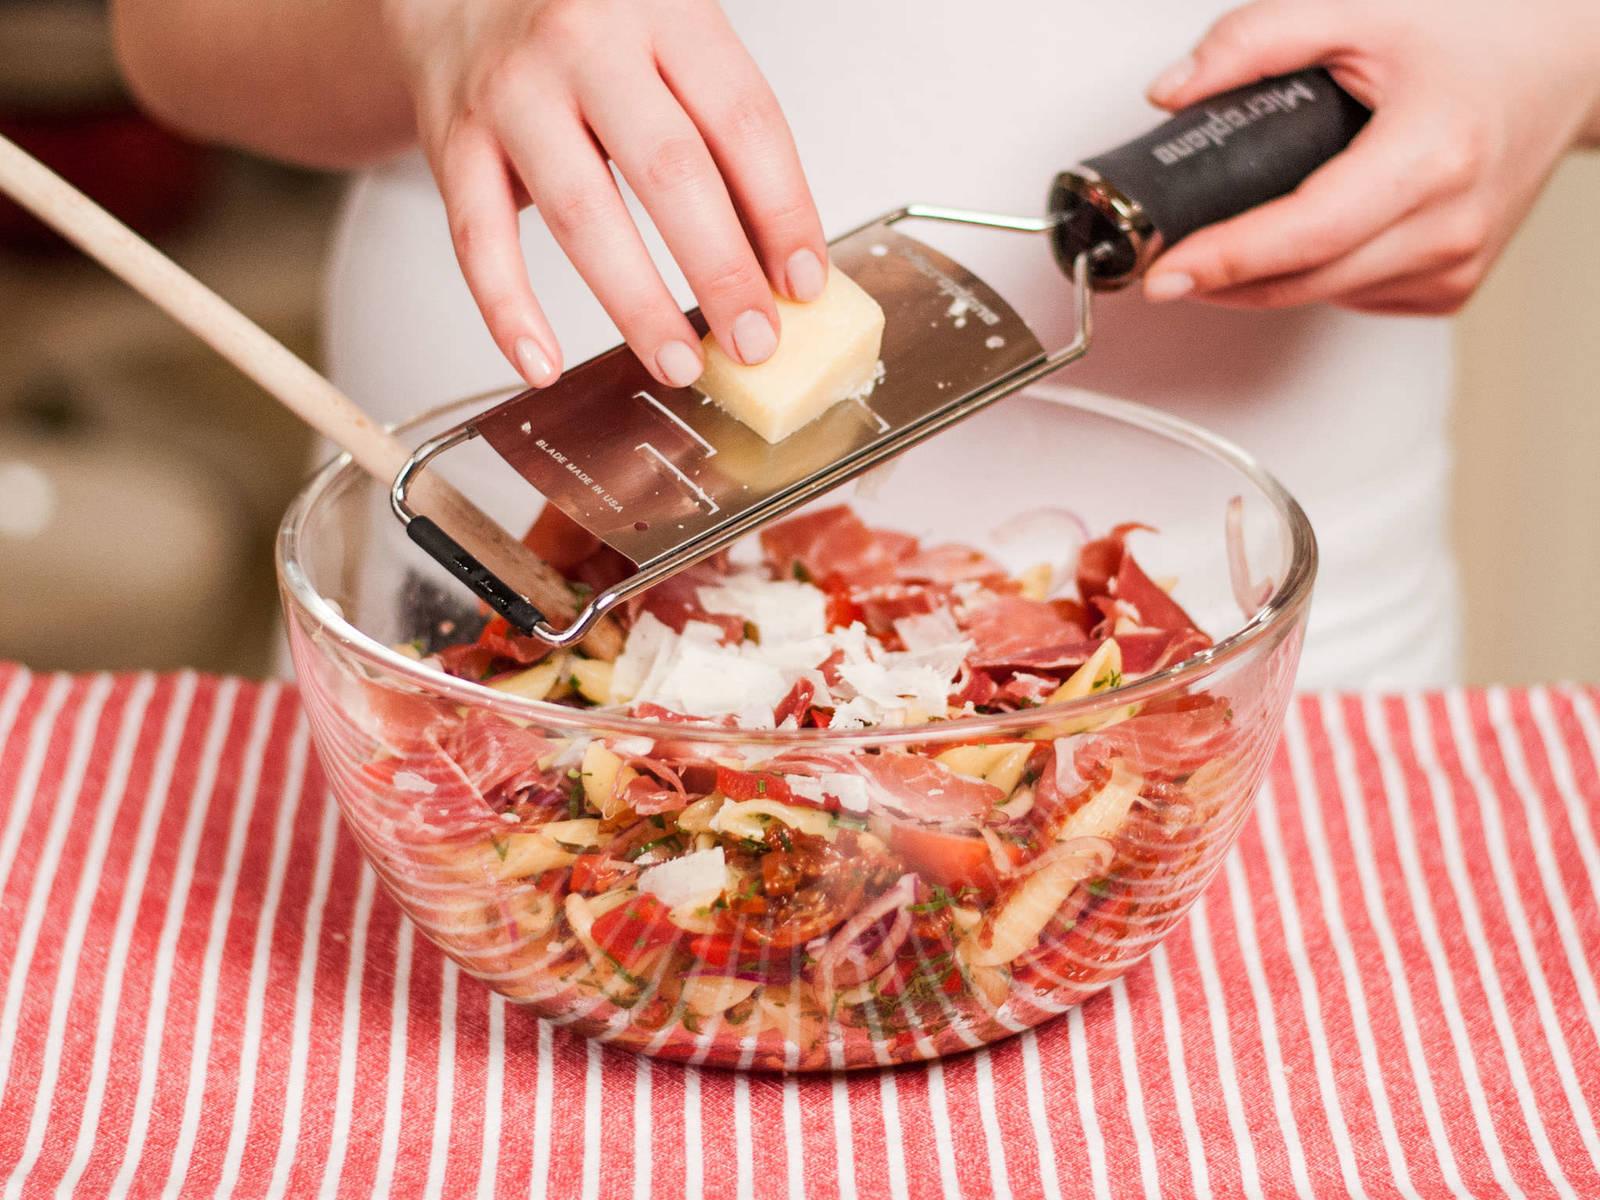 将塞拉诺火腿撕碎,放入沙拉中,混合均匀后撒上帕玛森奶酪碎即可享用。